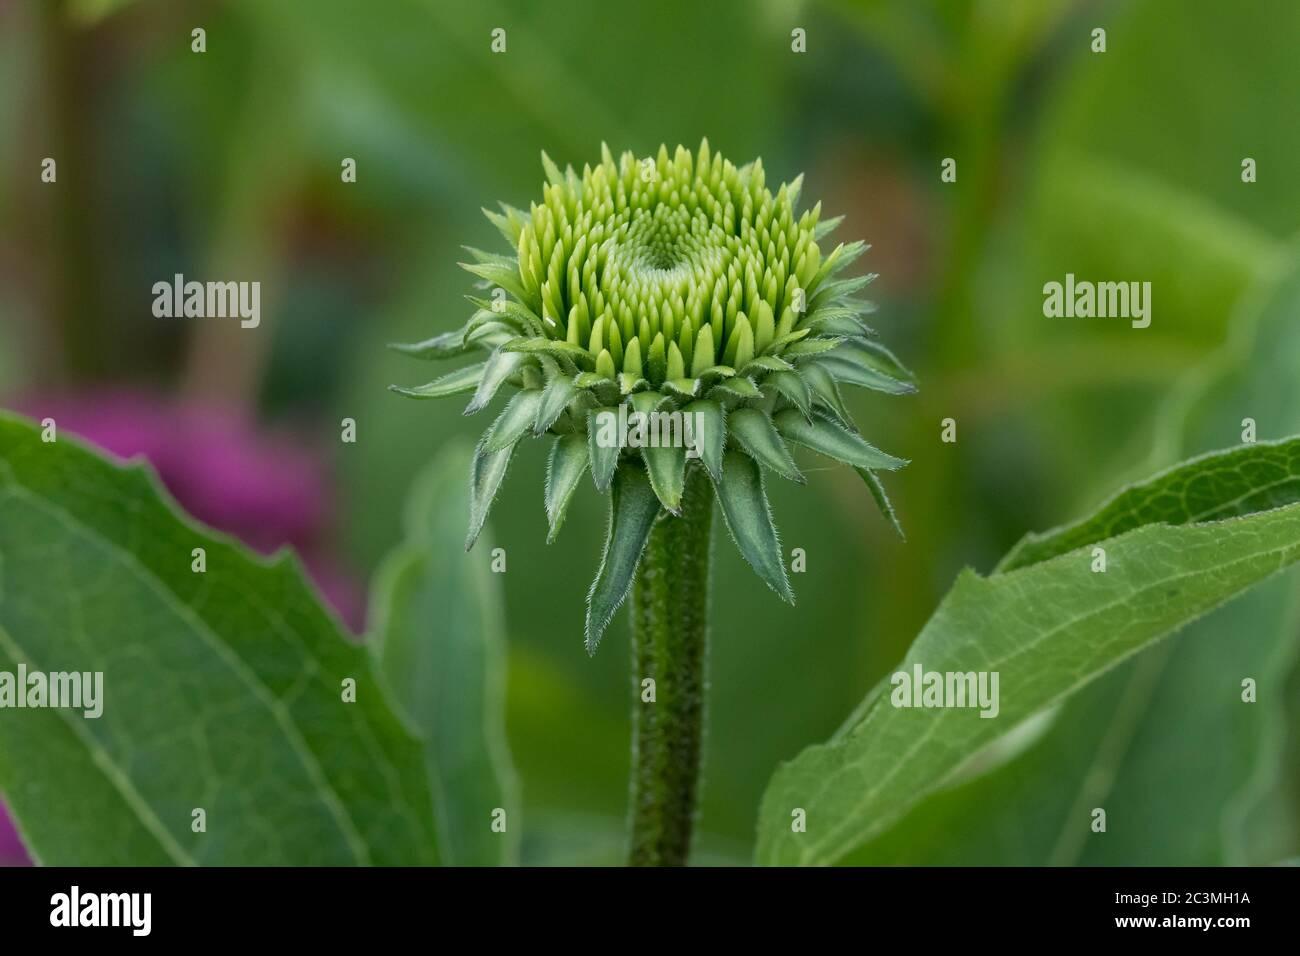 Nahaufnahme einer Konelblüte im Wachsen im Liliengarten Stockfoto